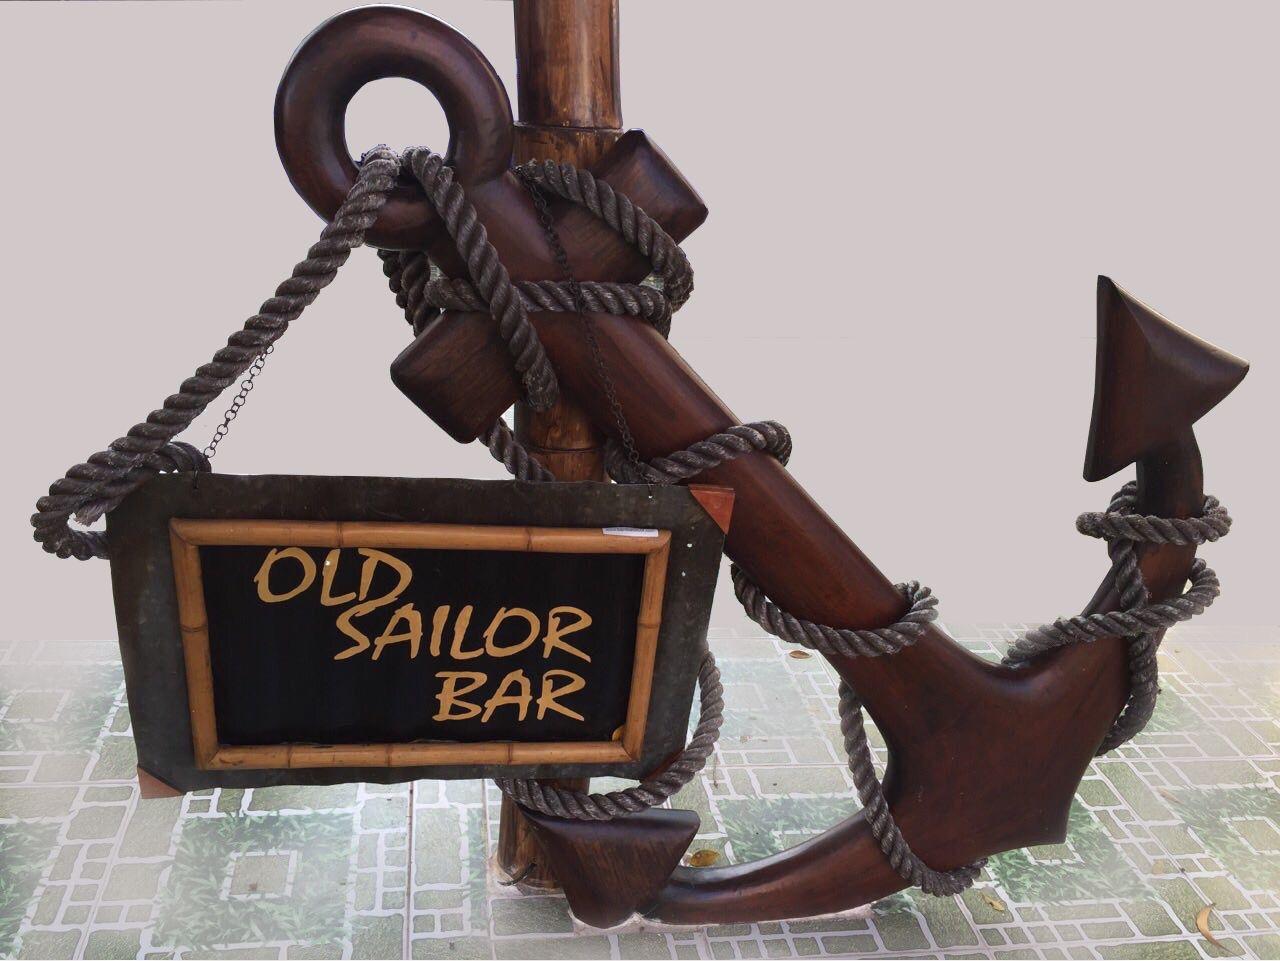 OLD SAILOR BAR